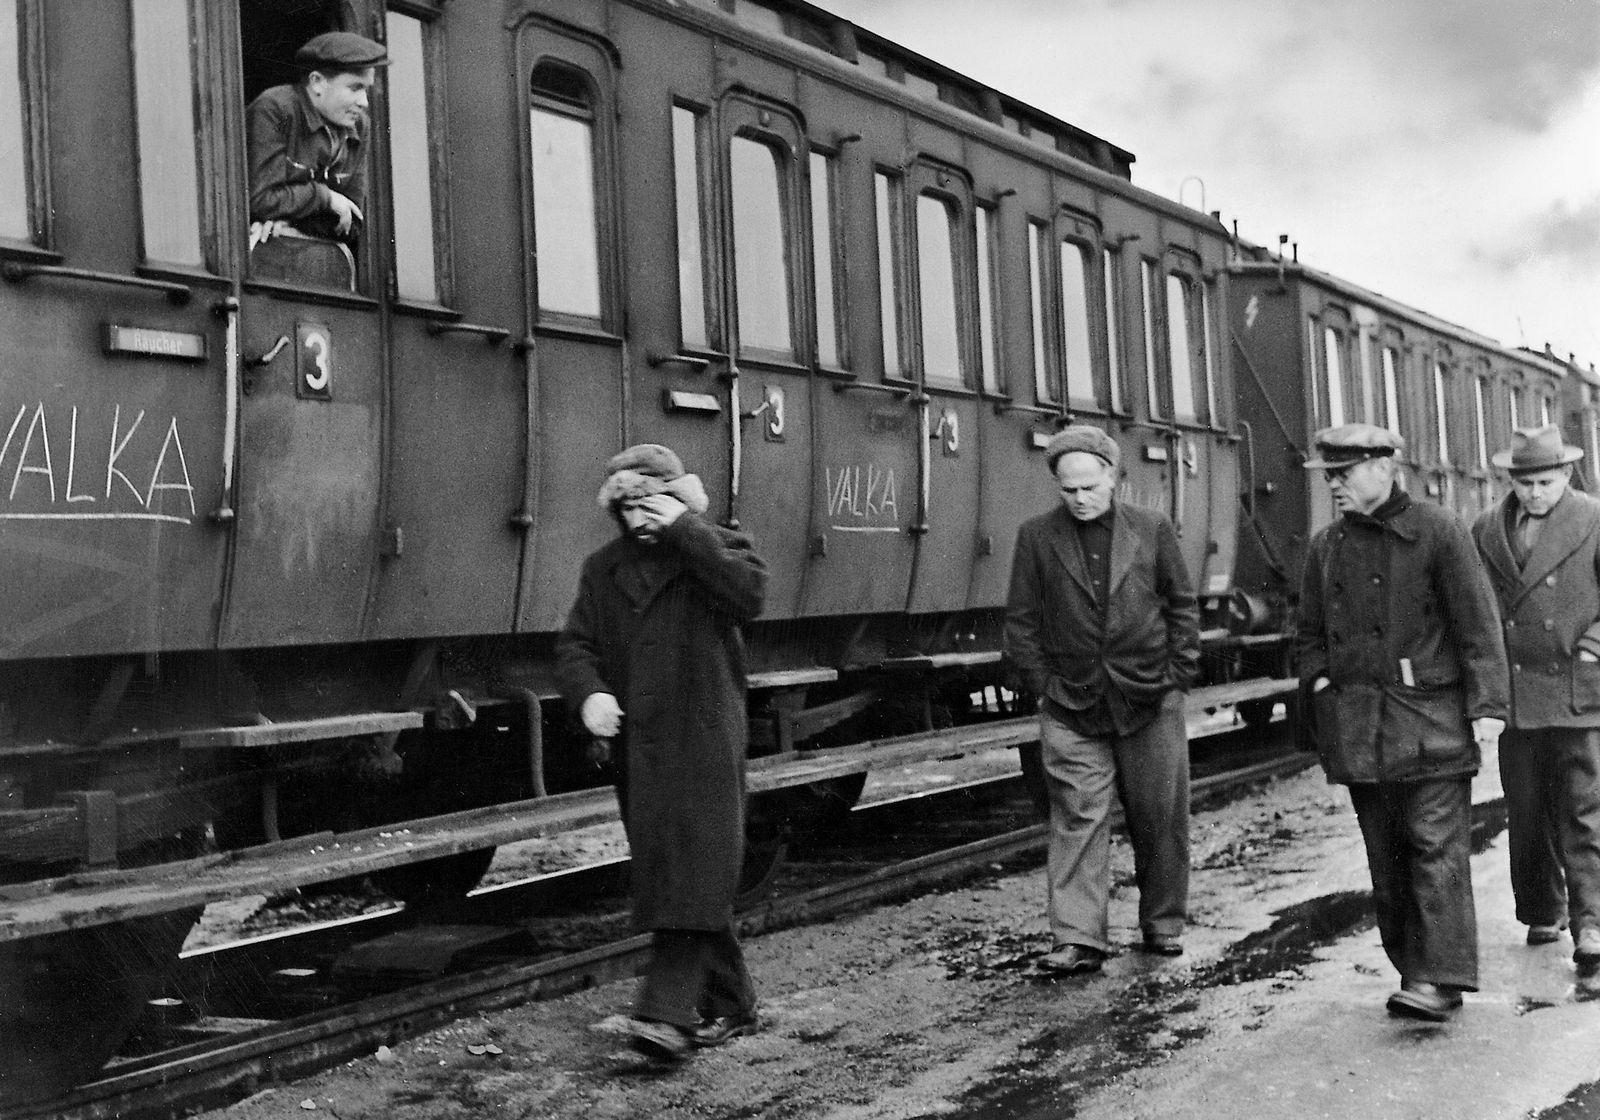 Ein für das Valka-Lager bestimmter Zug, 1945-49